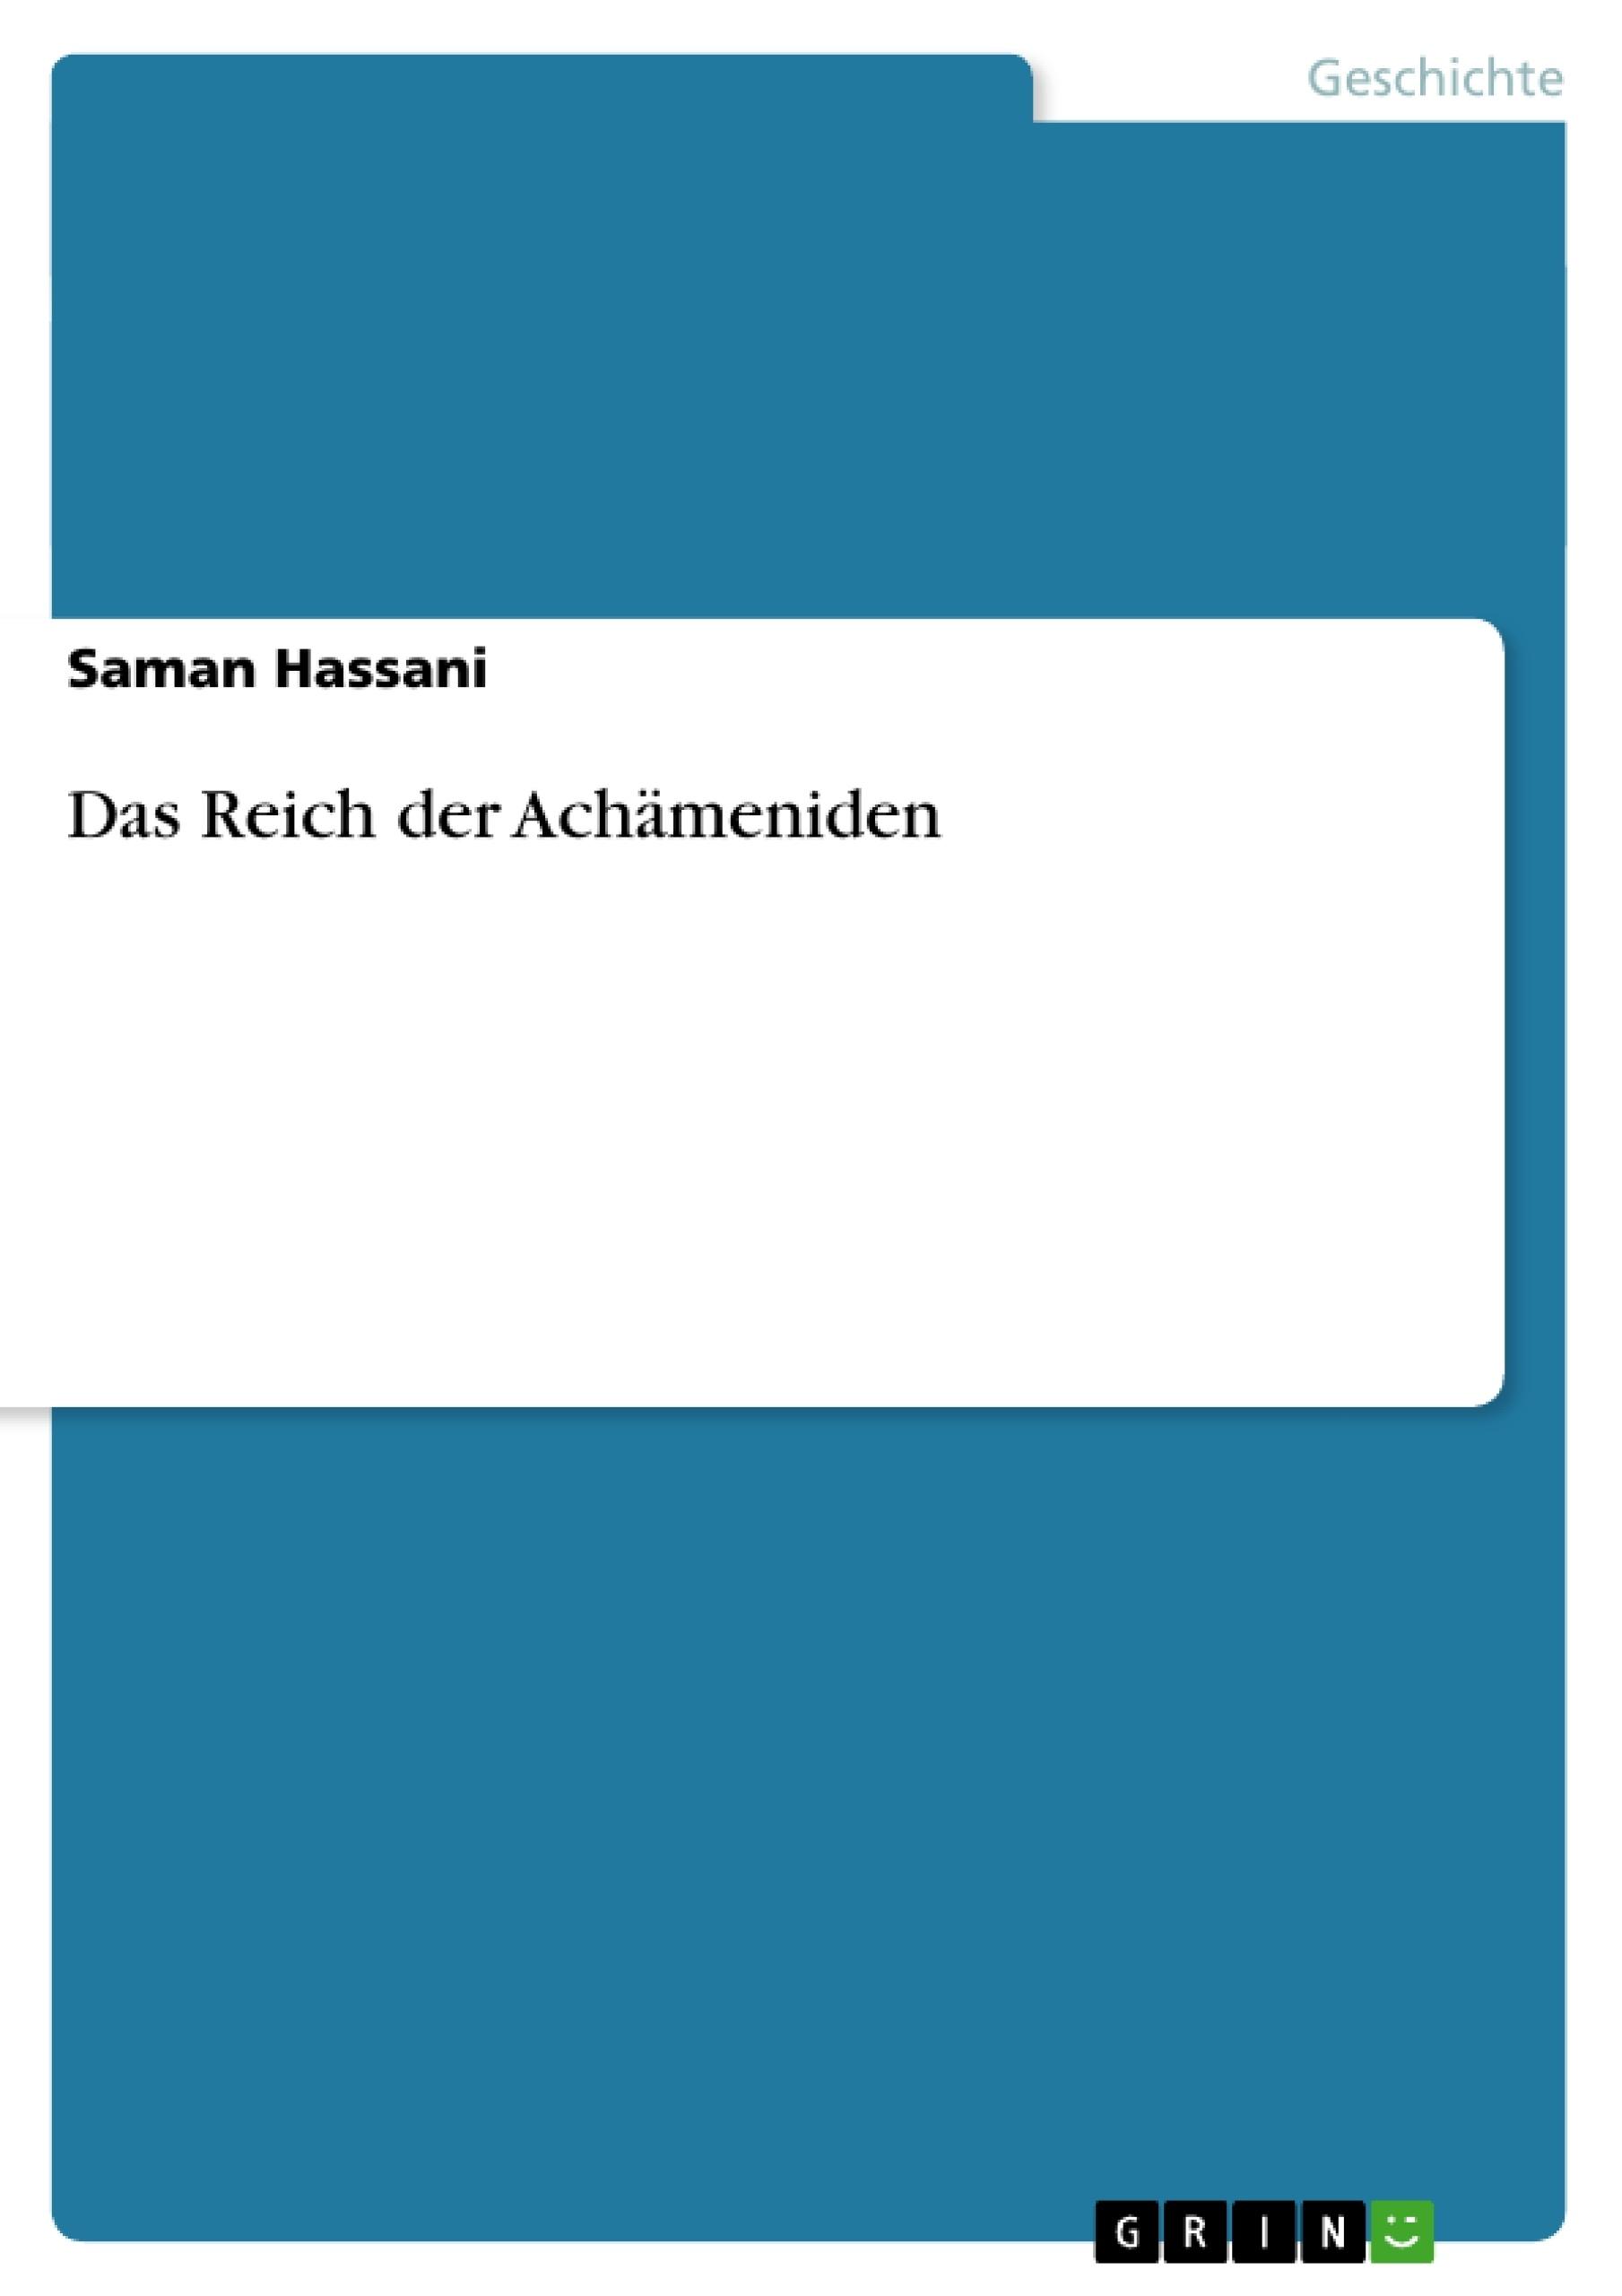 Titel: Das Reich der Achämeniden